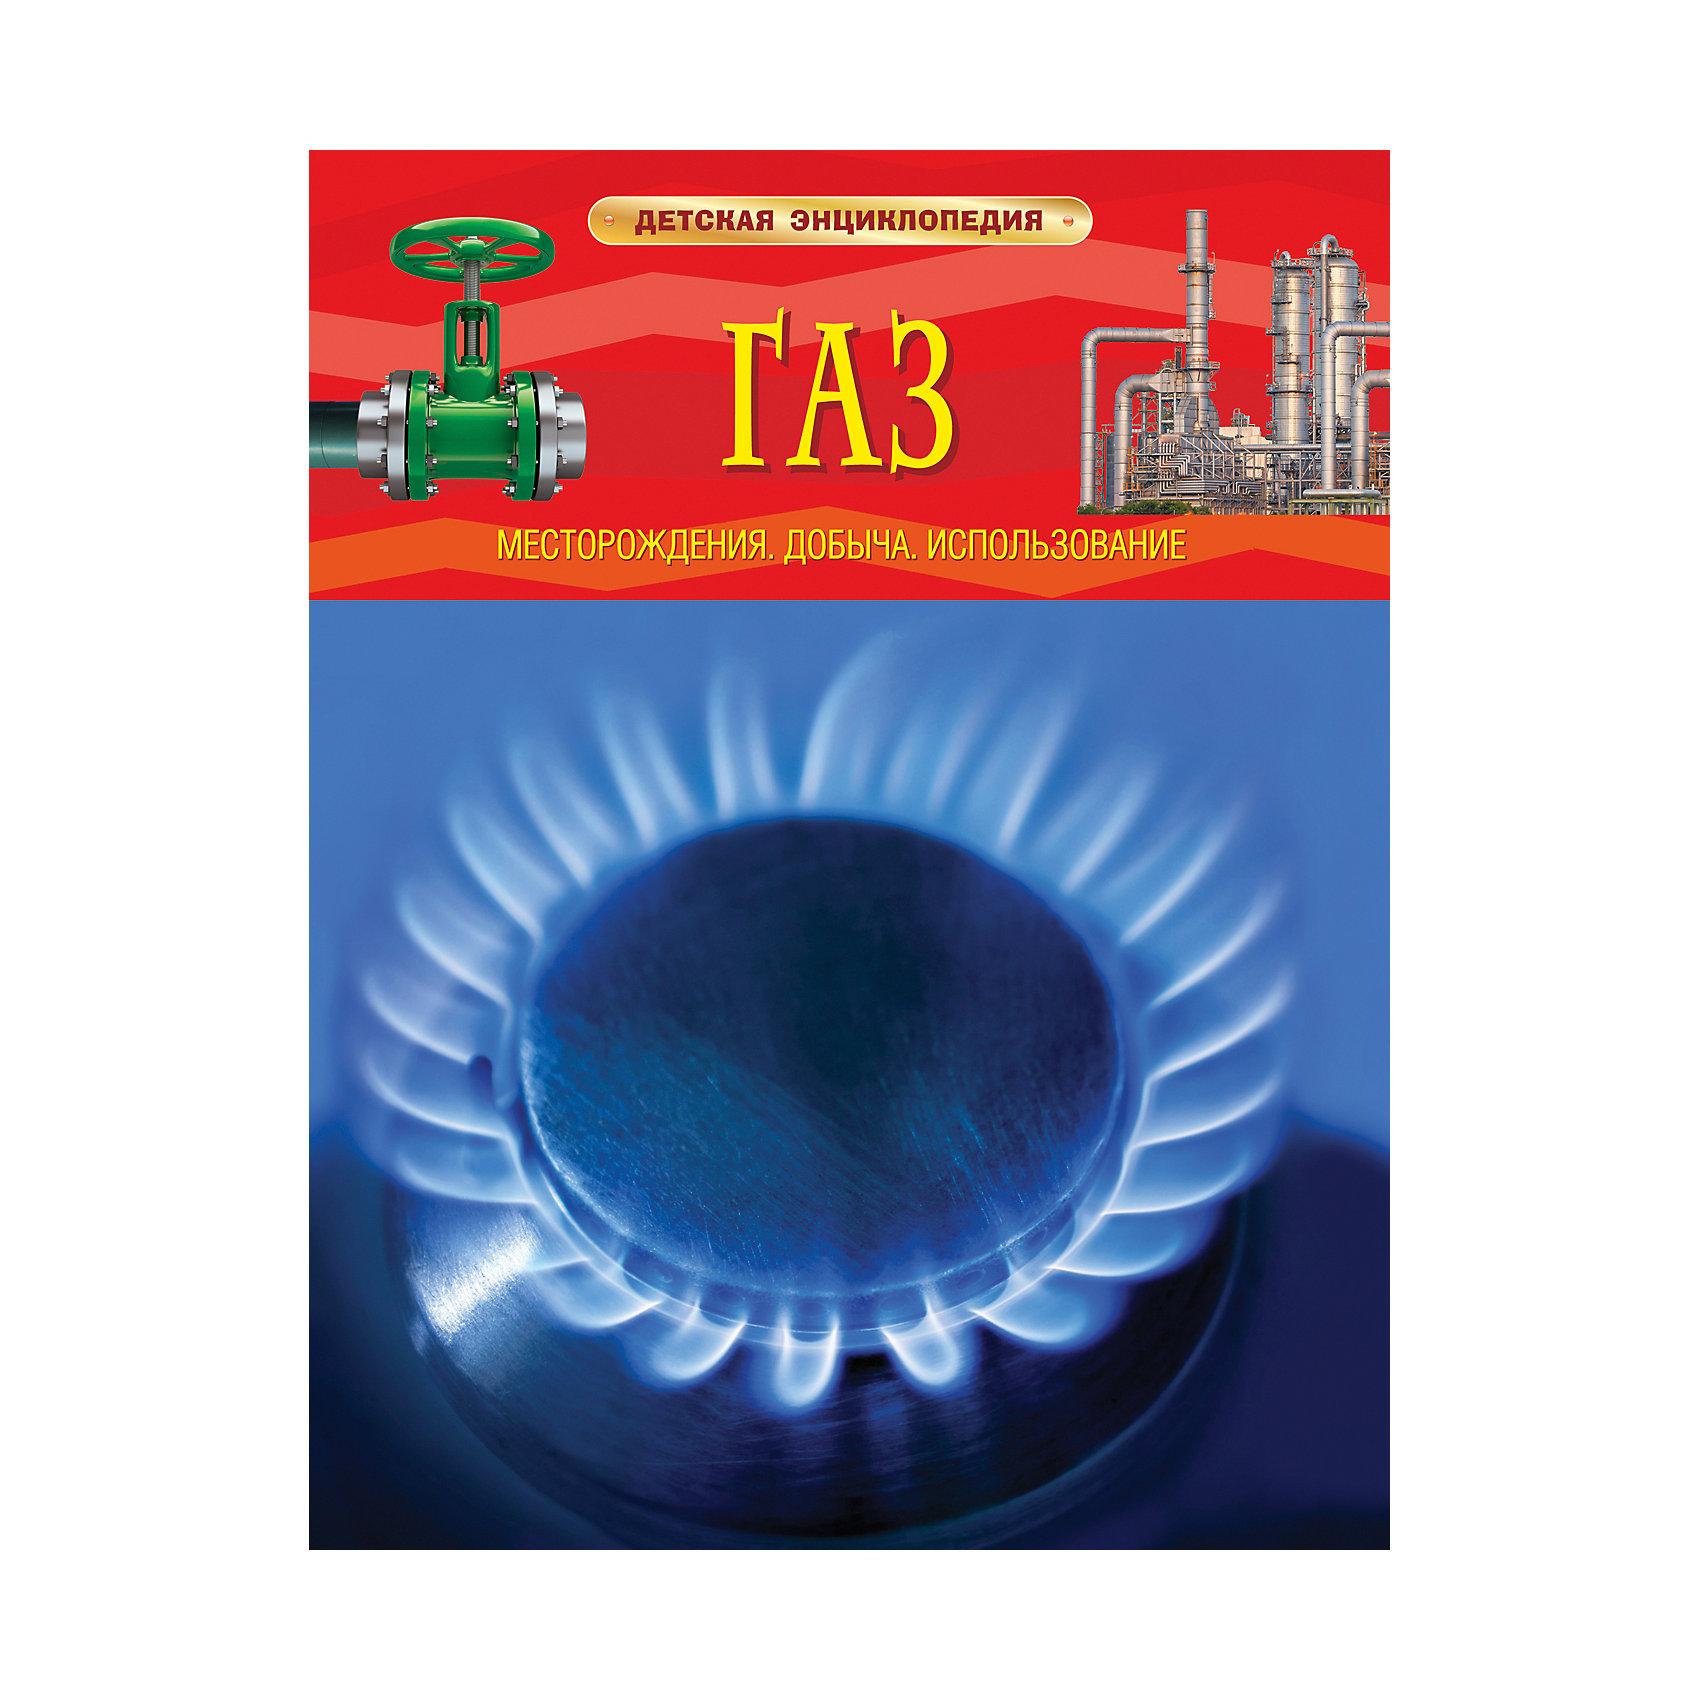 Росмэн Газ. месторождения, добыча, использование купить авто газ 50 в беларуси